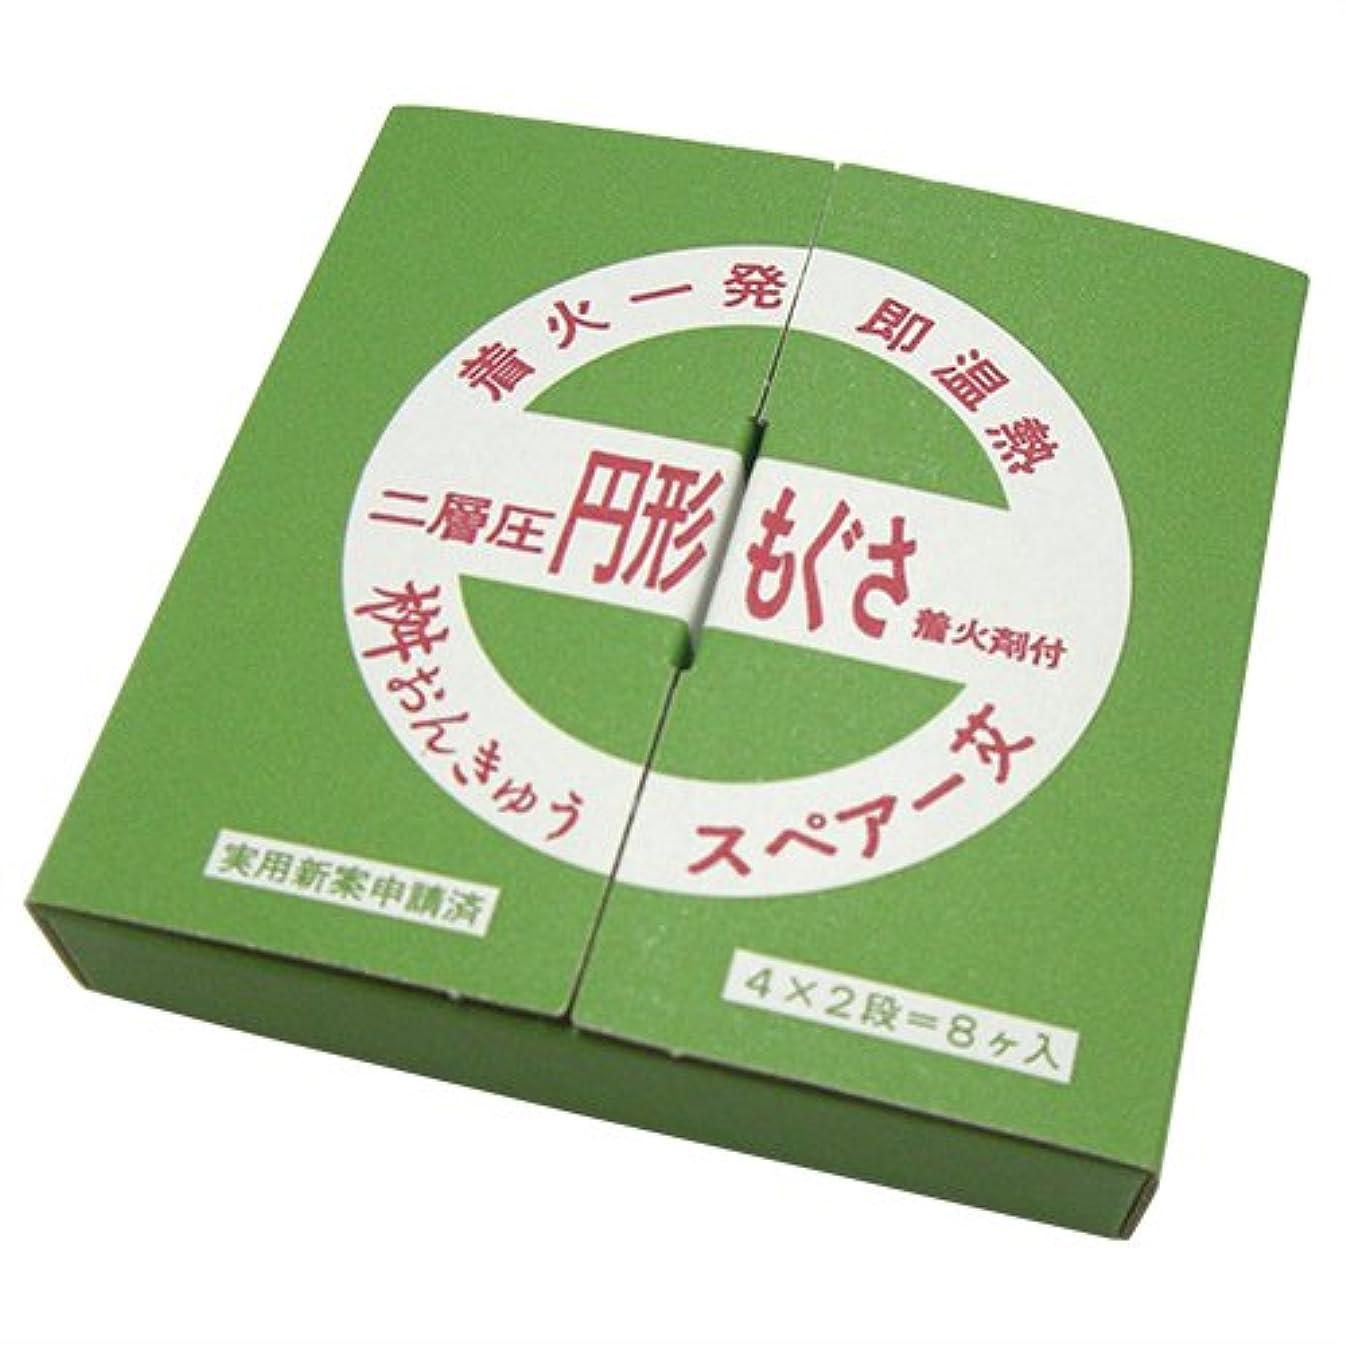 闘争節約センチメンタル桝おんきゅう用スペアもぐさ 二層圧 円形もぐさ (8ケ)